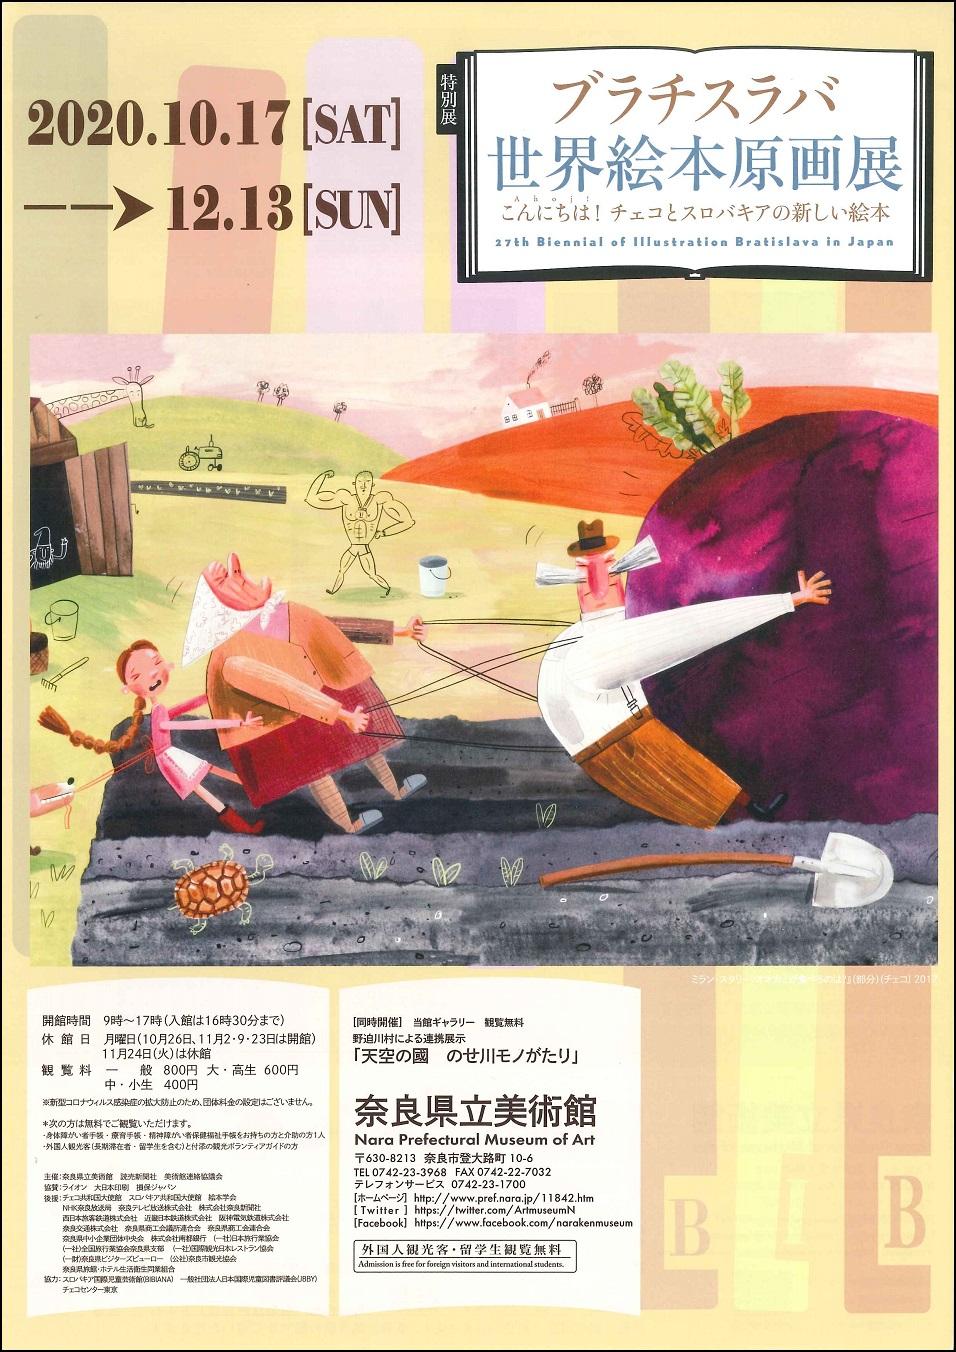 ブラチスラバ 世界絵本原画展<br><ruby><rb>こんにちは!</rb><rp>(</rp><rt>A h o j !</rt><rp>)</rp></ruby>チェコとスロバキアの新しい絵本<br>(奈良県立美術館)